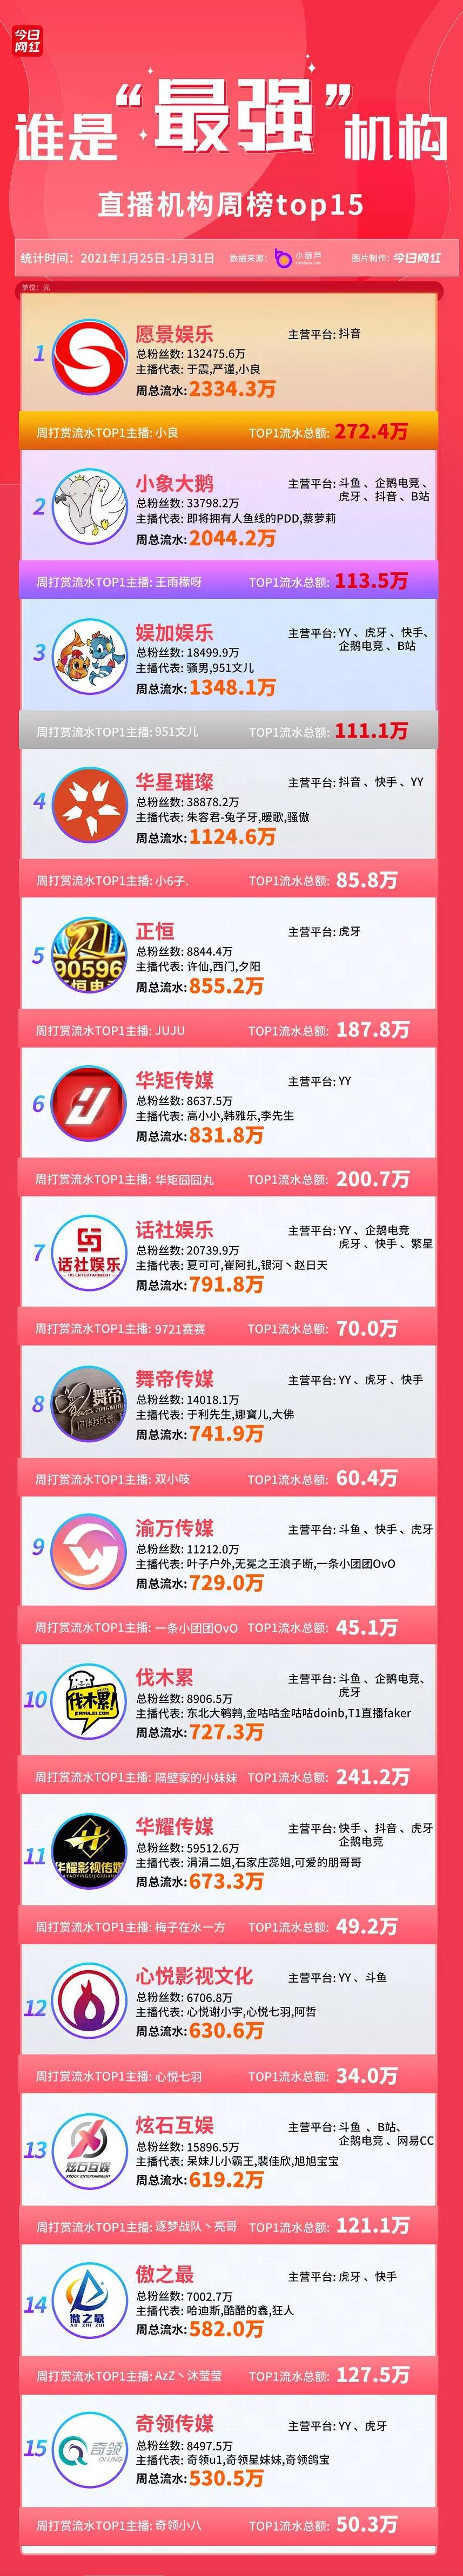 公会周榜   愿景娱乐2334万流水夺冠